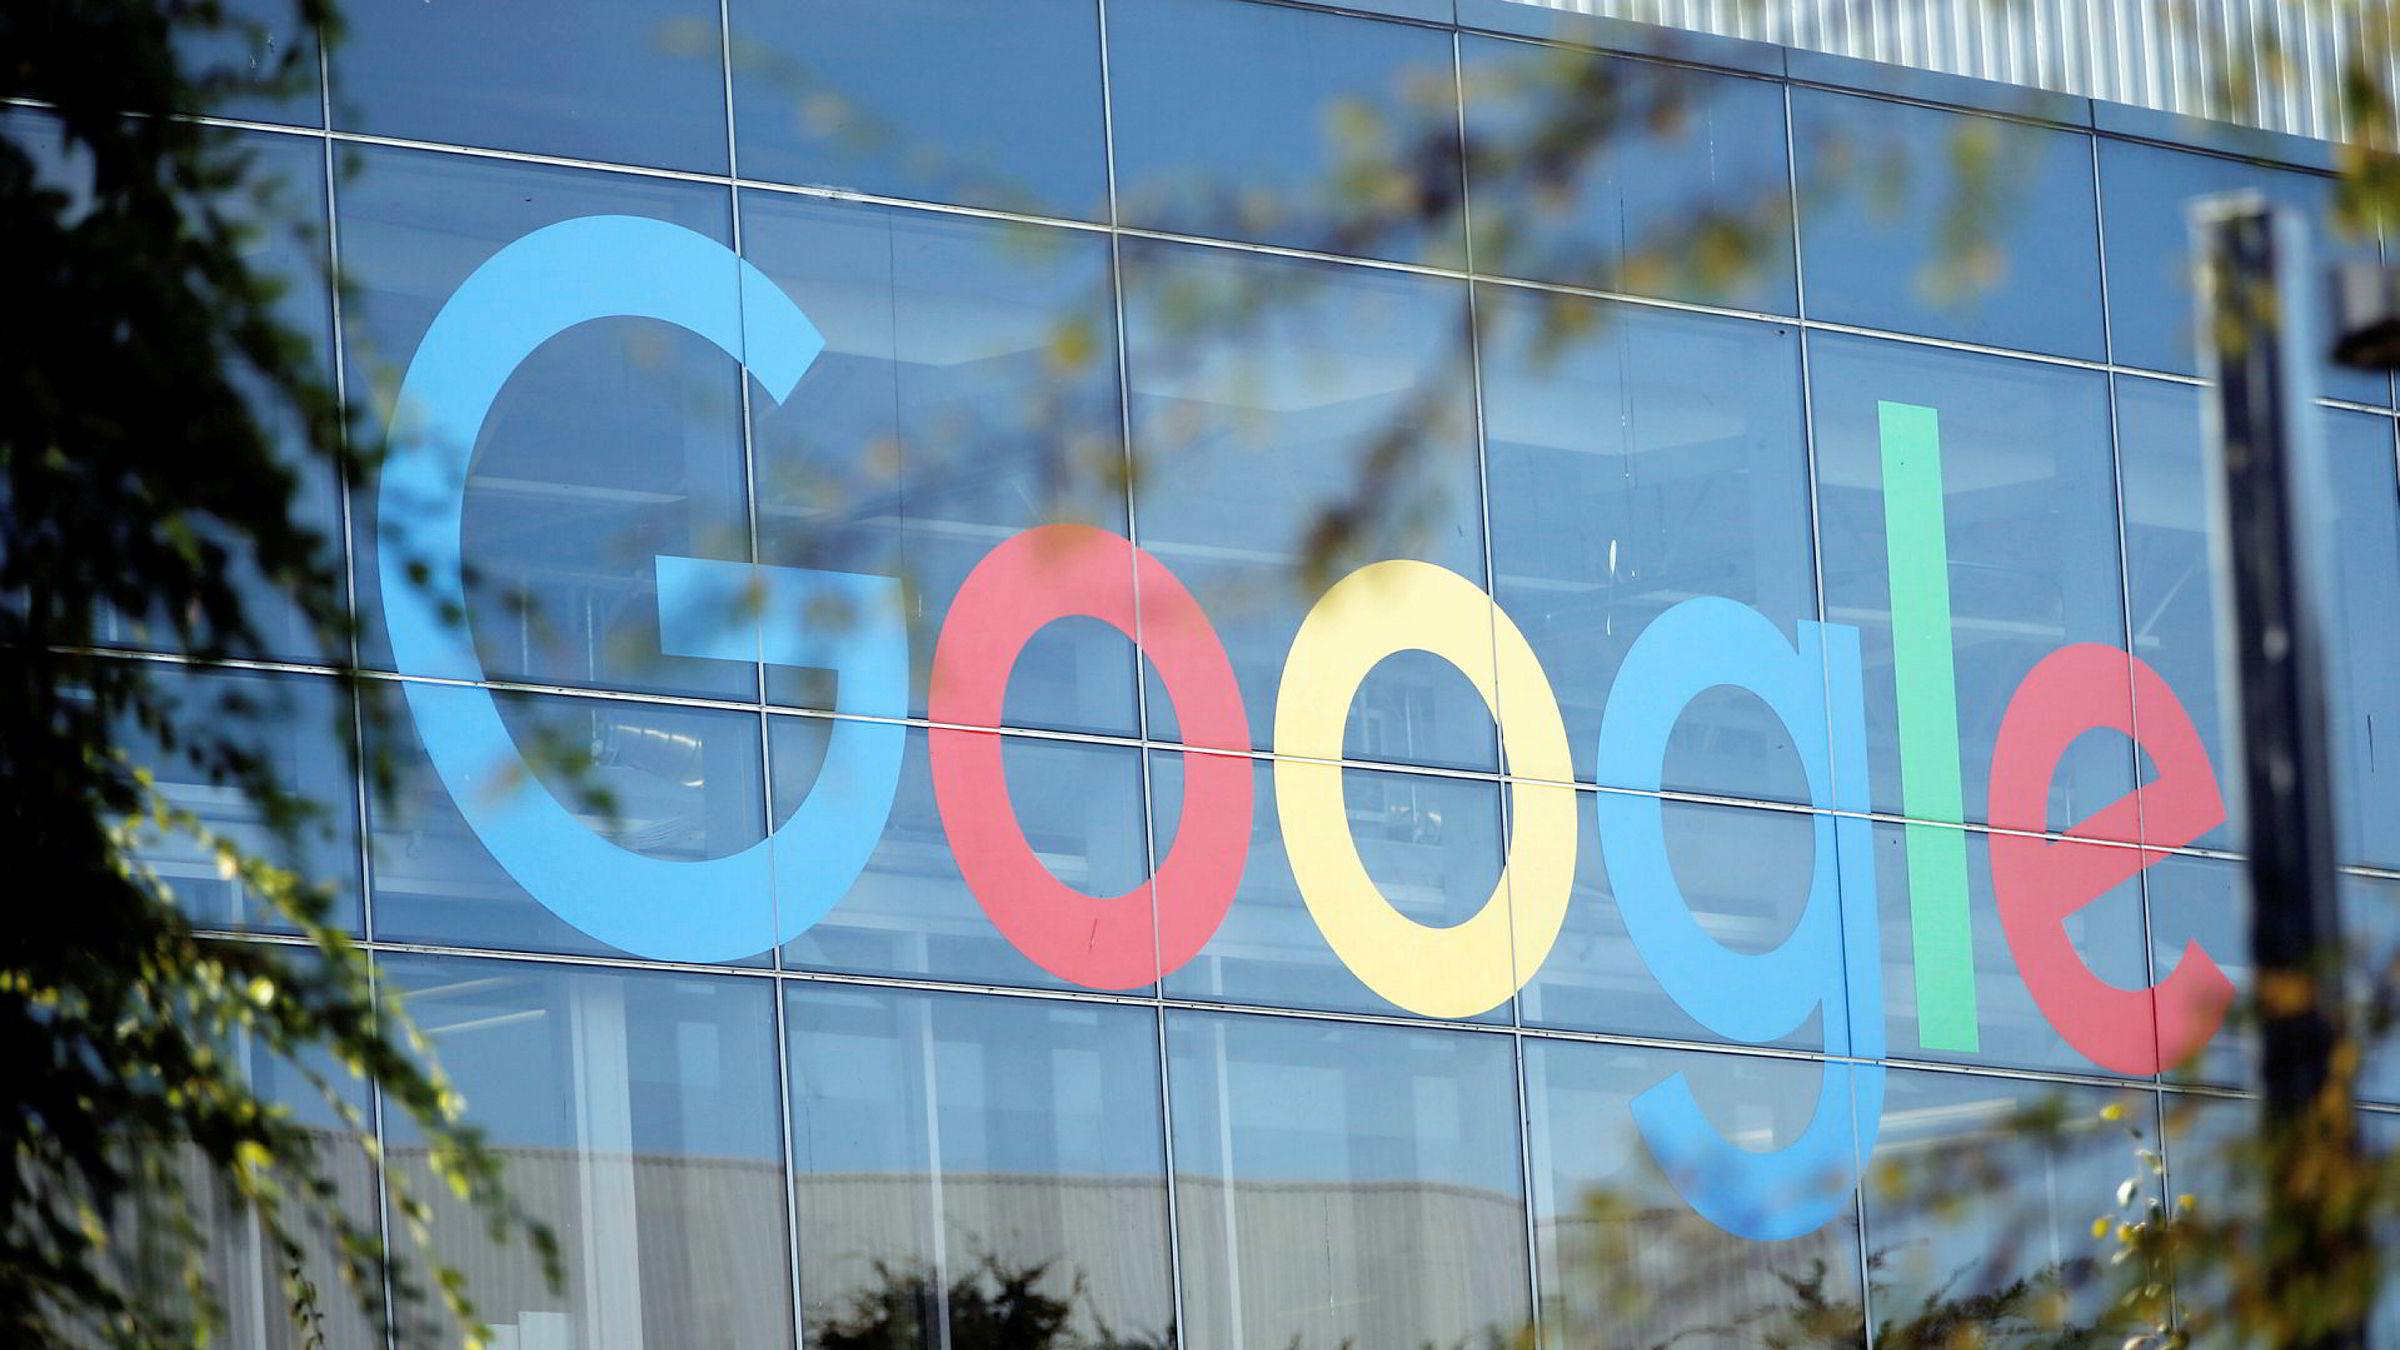 Alle de fire som nå har fått sparken, har stått frem offentlig med kritikk mot deler av Googles virksomhet, blant annet prosjekter der selskapet har samarbeidet med amerikanske myndigheter.